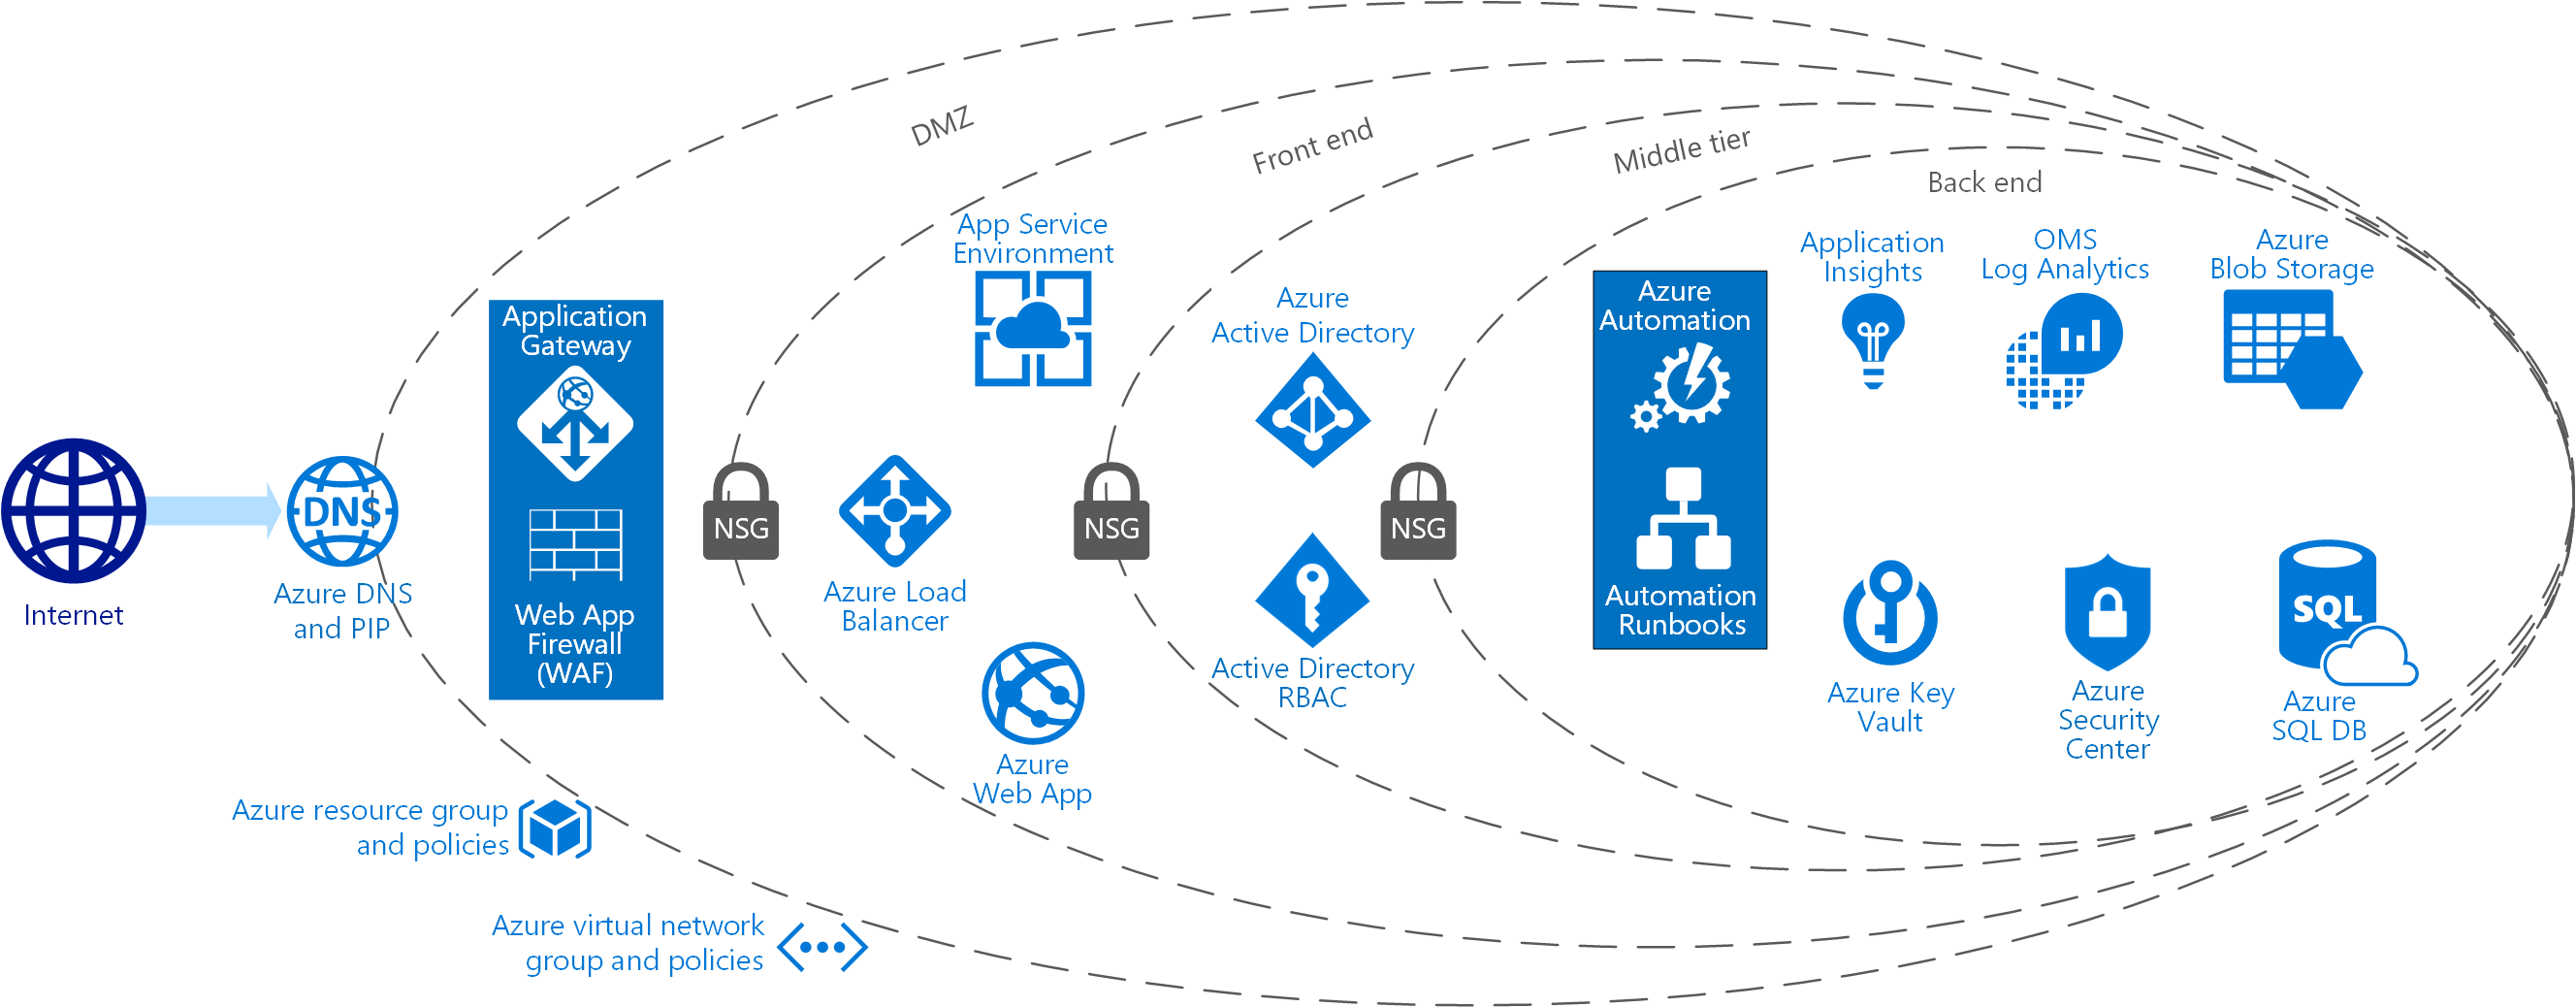 Azure security and compliance blueprint entornos de procesamiento segmentacin de red y seguridadnetwork segmentation and security malvernweather Gallery